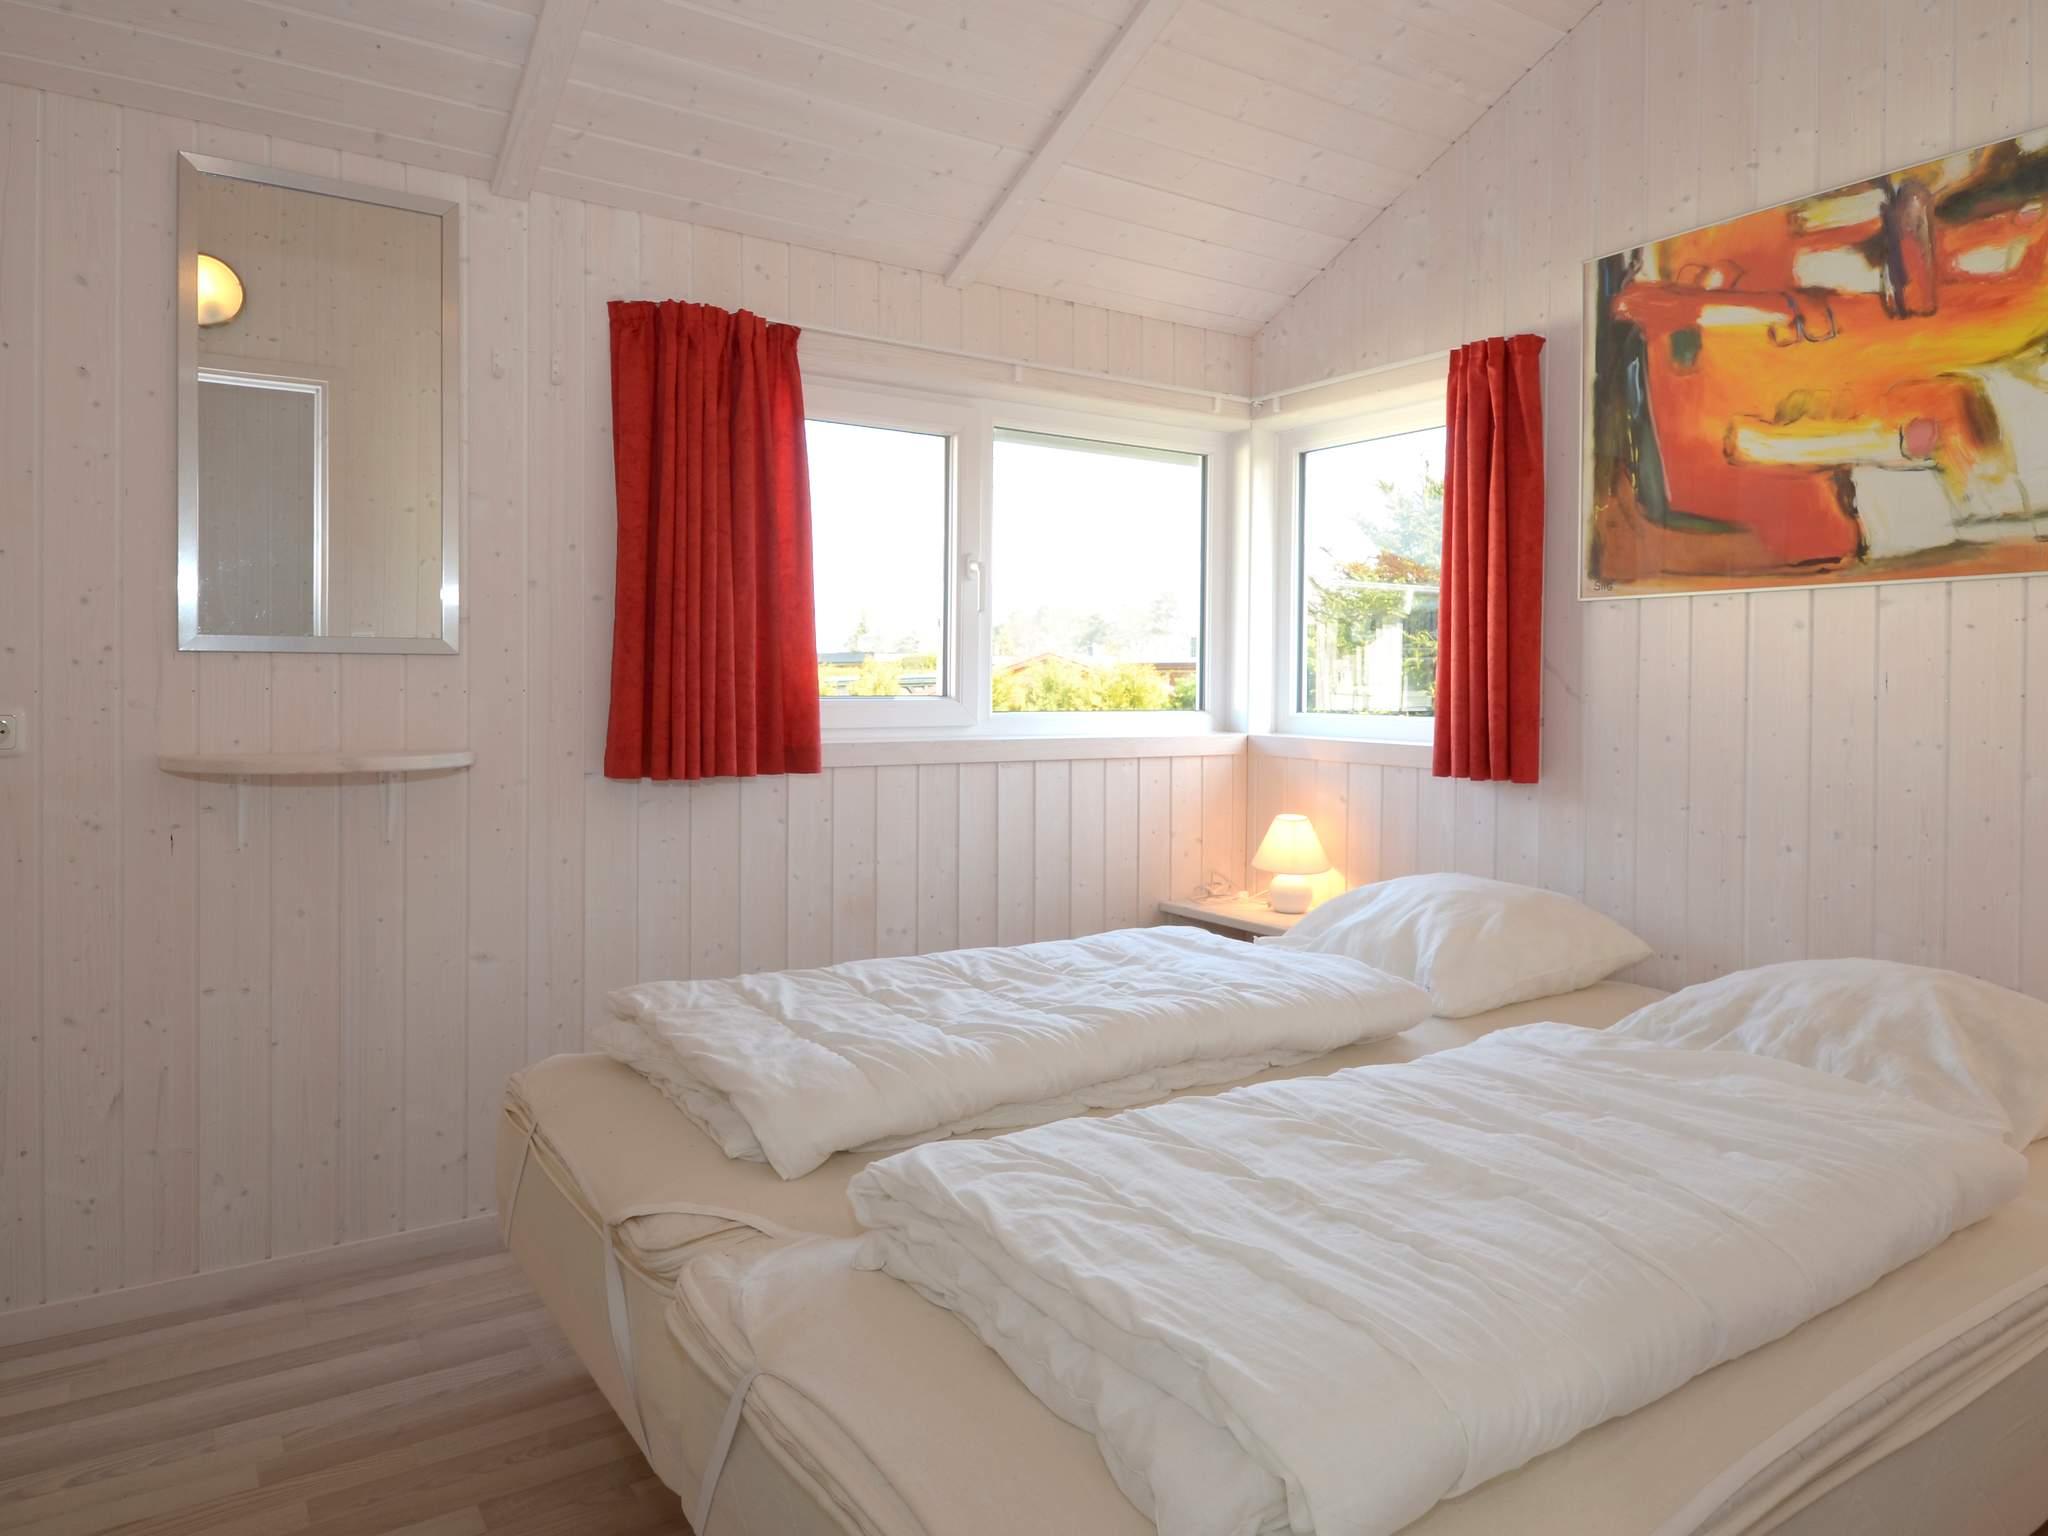 Maison de vacances Grömitz (433402), Grömitz, Baie de Lübeck, Schleswig-Holstein, Allemagne, image 6